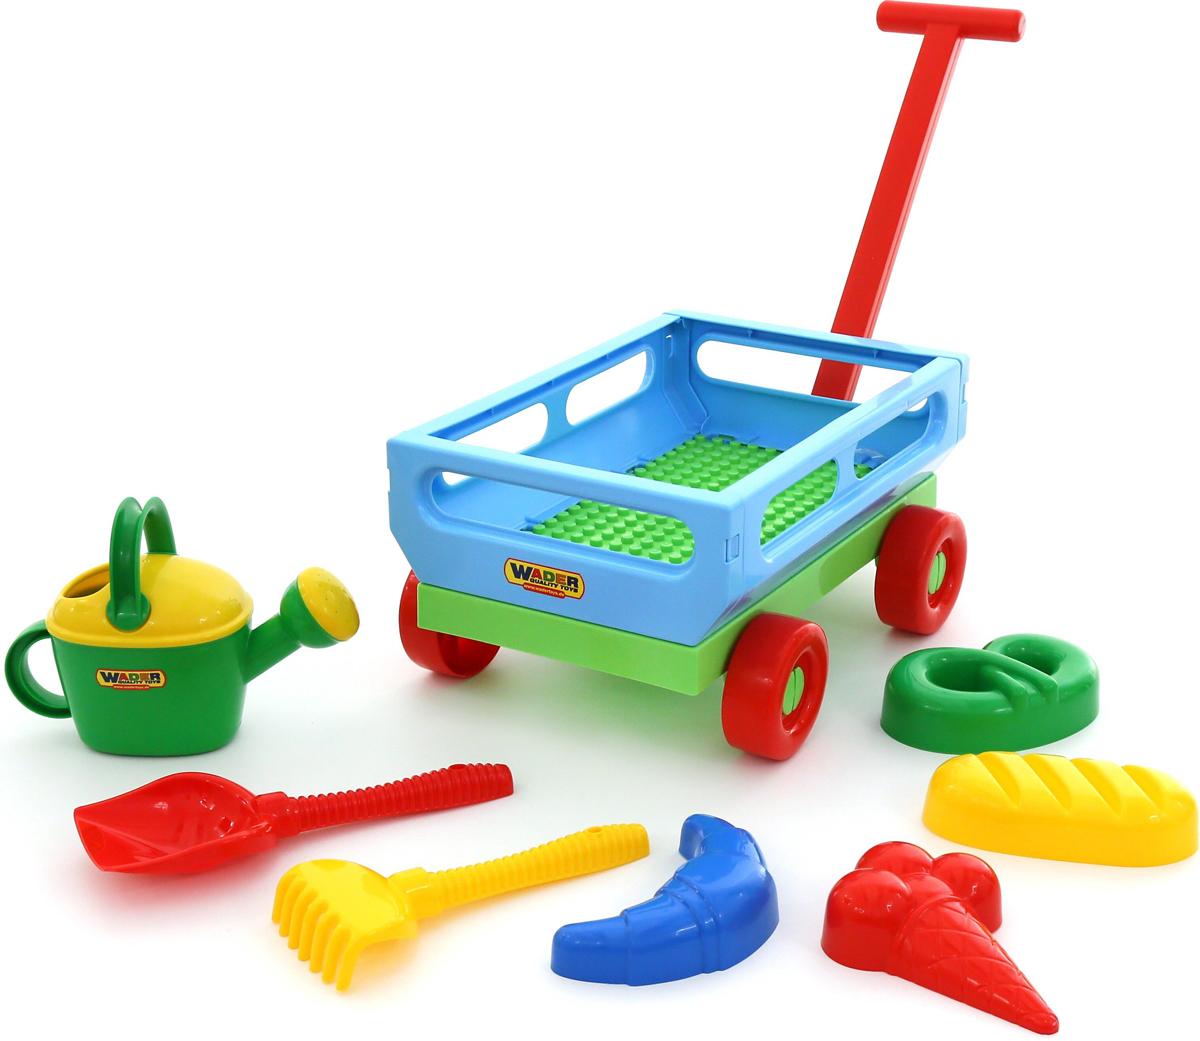 Полесье Набор игрушек для песочницы №484 полесье набор игрушек для песочницы 73